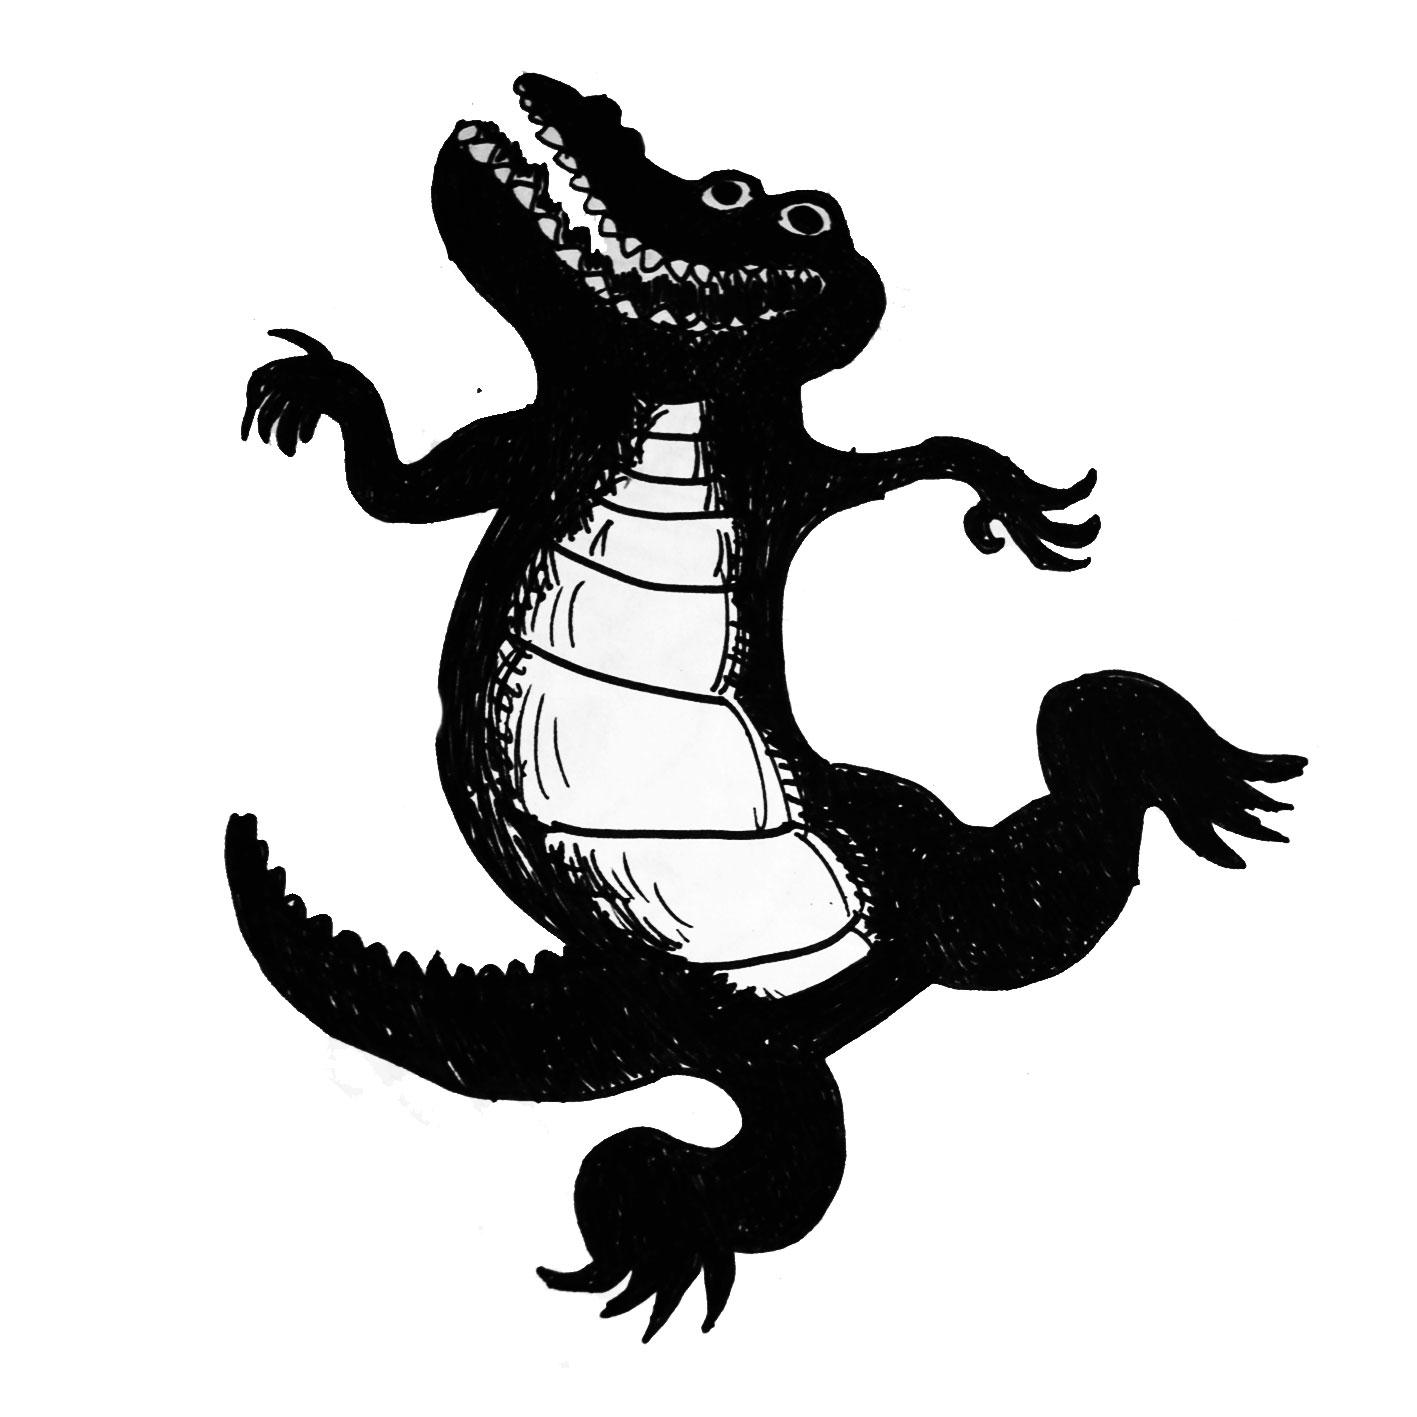 wasted_gator